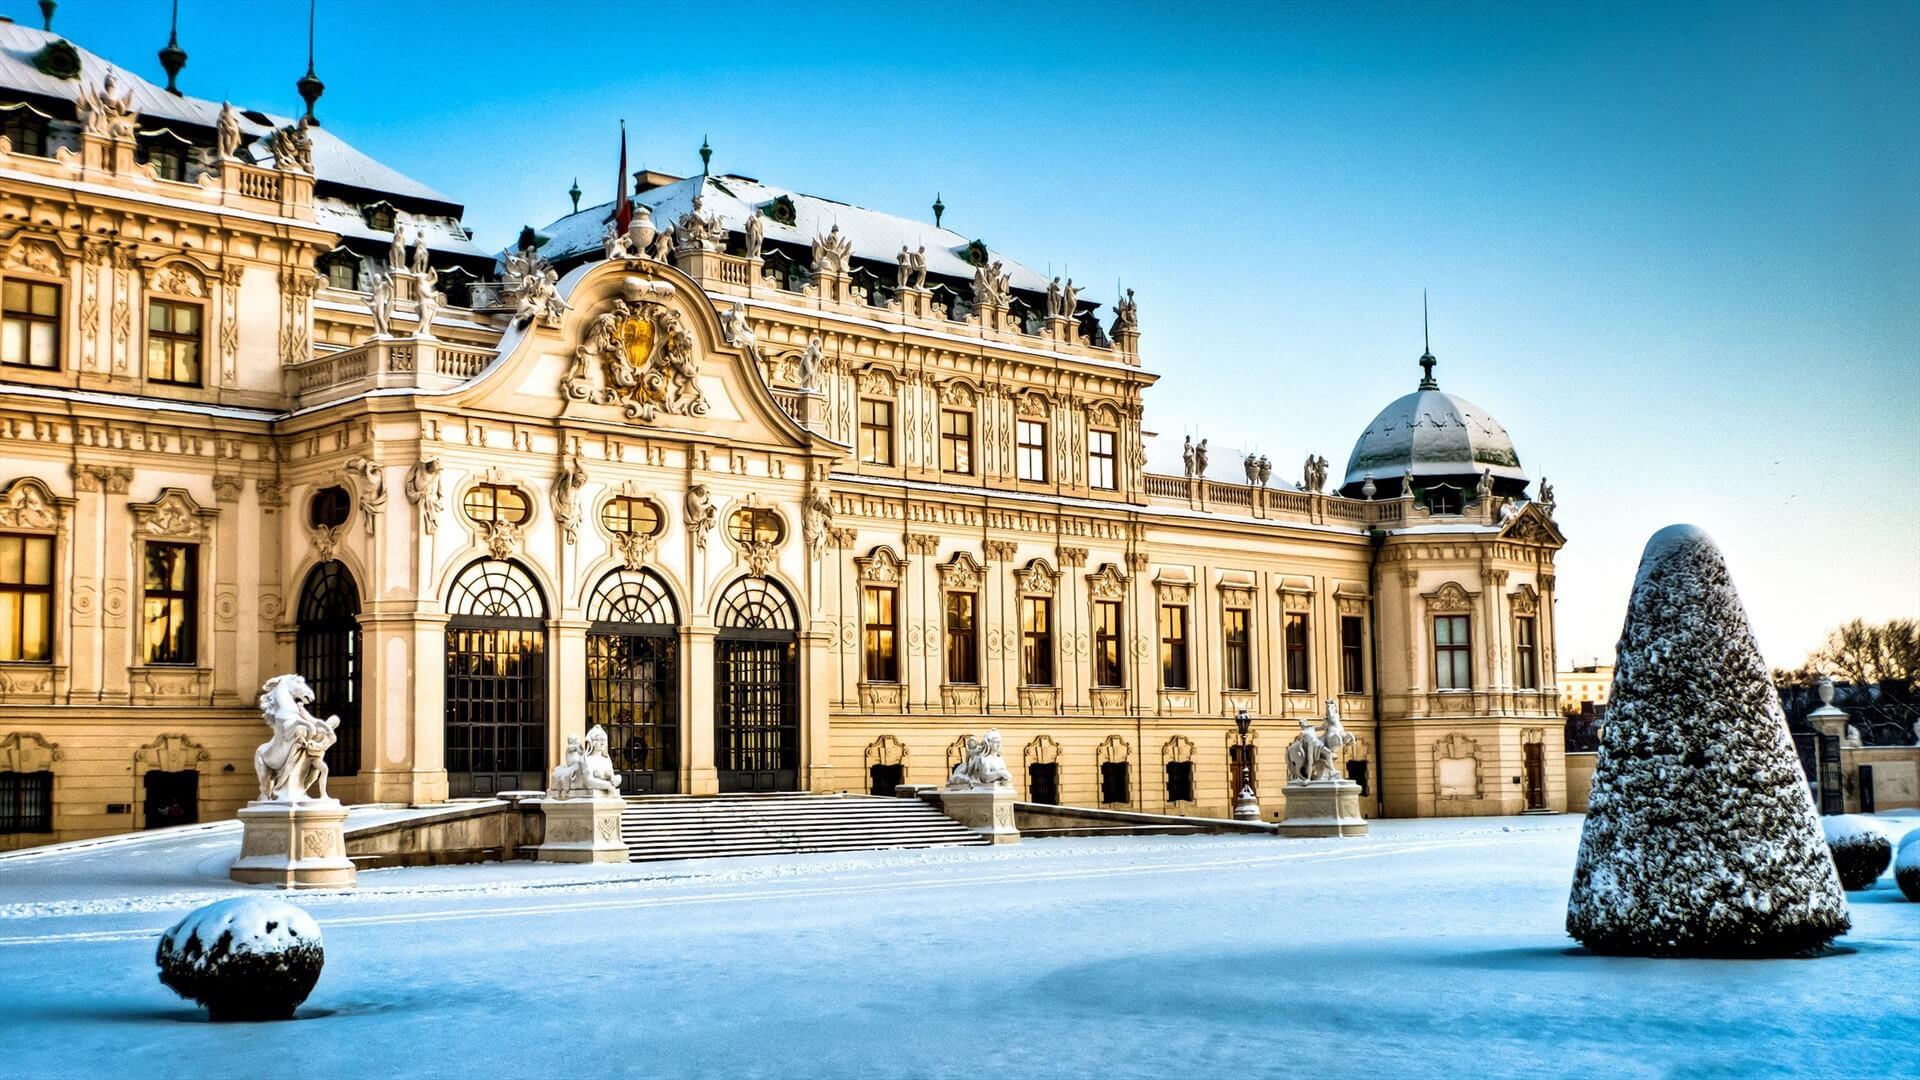 Тур поездка в Прагу на 5 дней цены на двоих